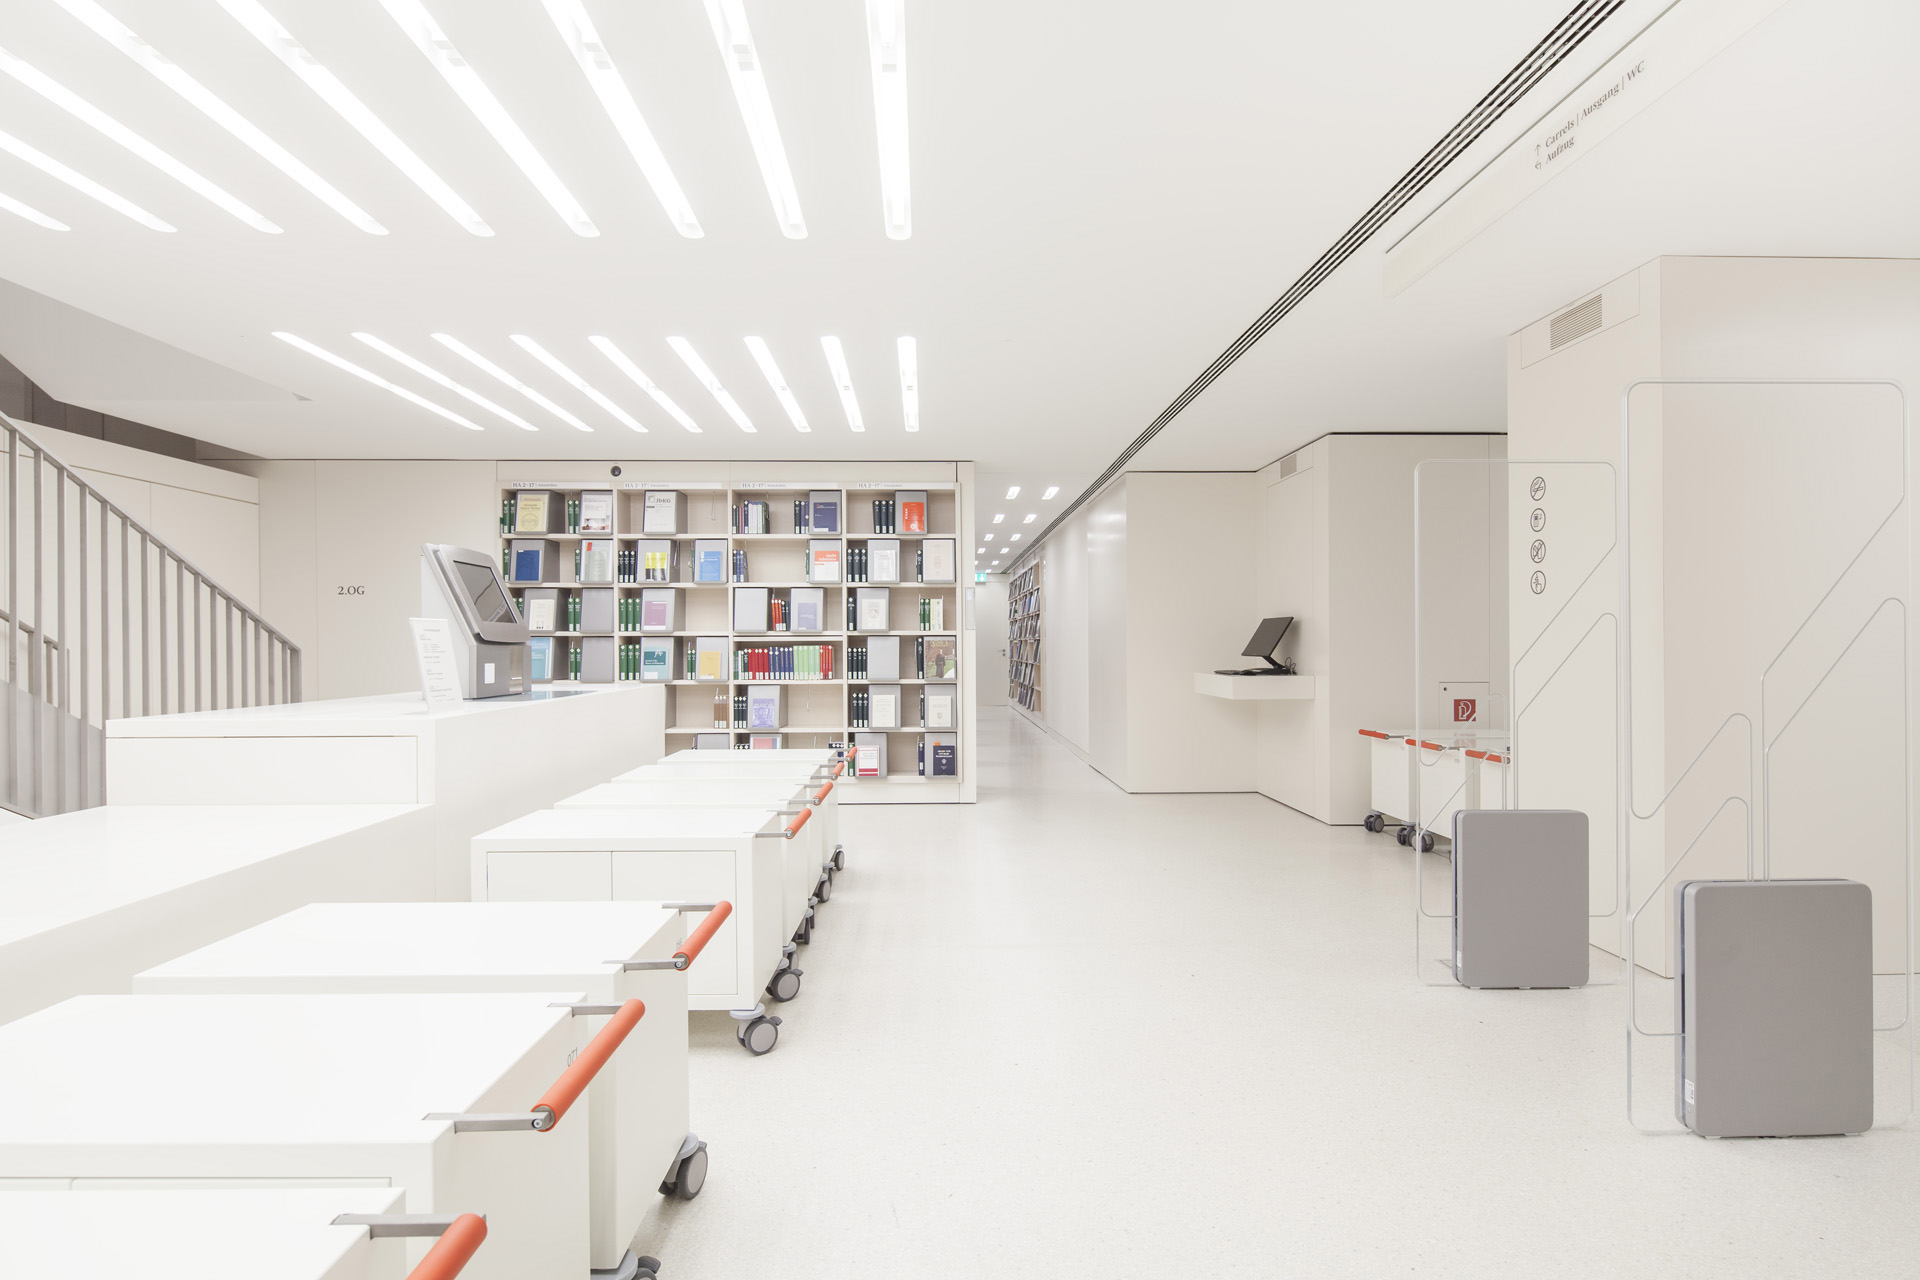 MG 0026 - Staatsbibliothek Berlin